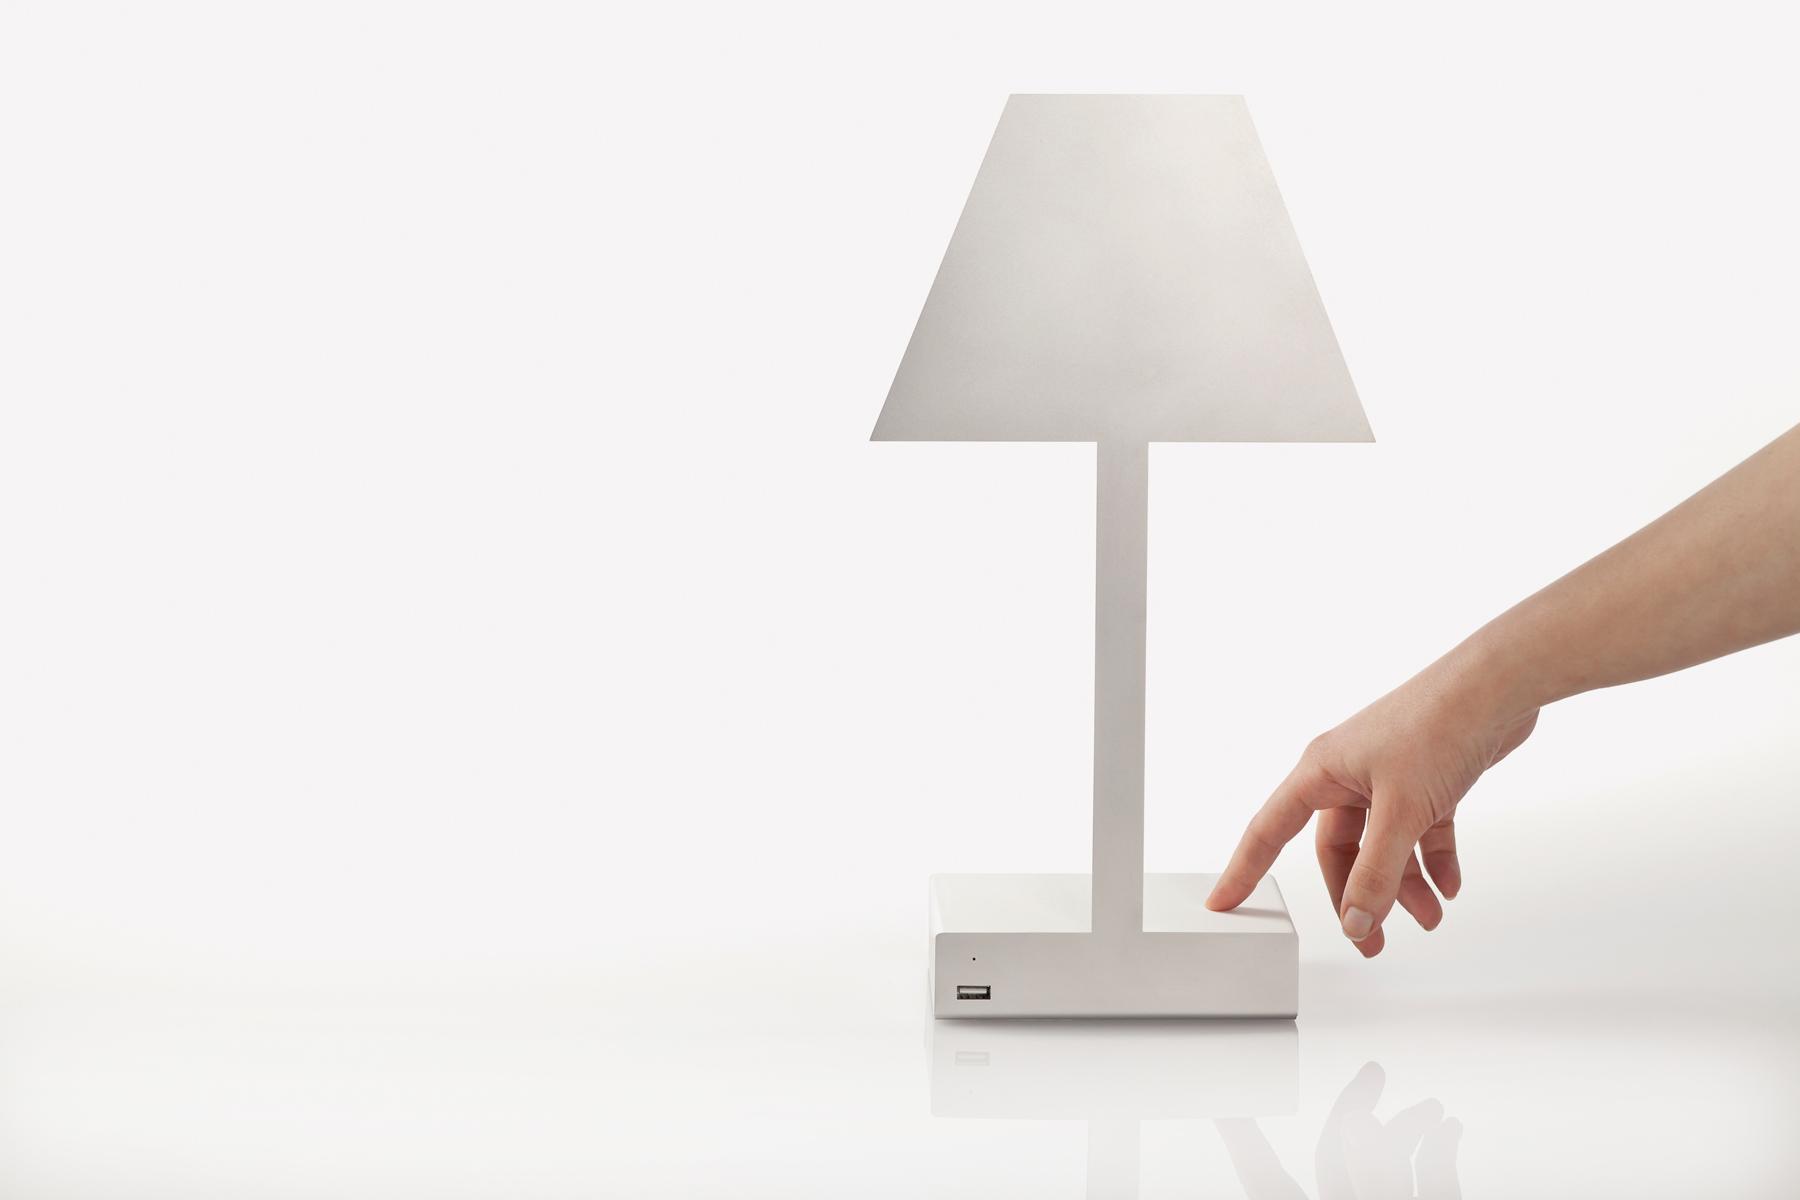 La lampada 2.D METABIT di Caoscreo, tecnologia e multifunzione